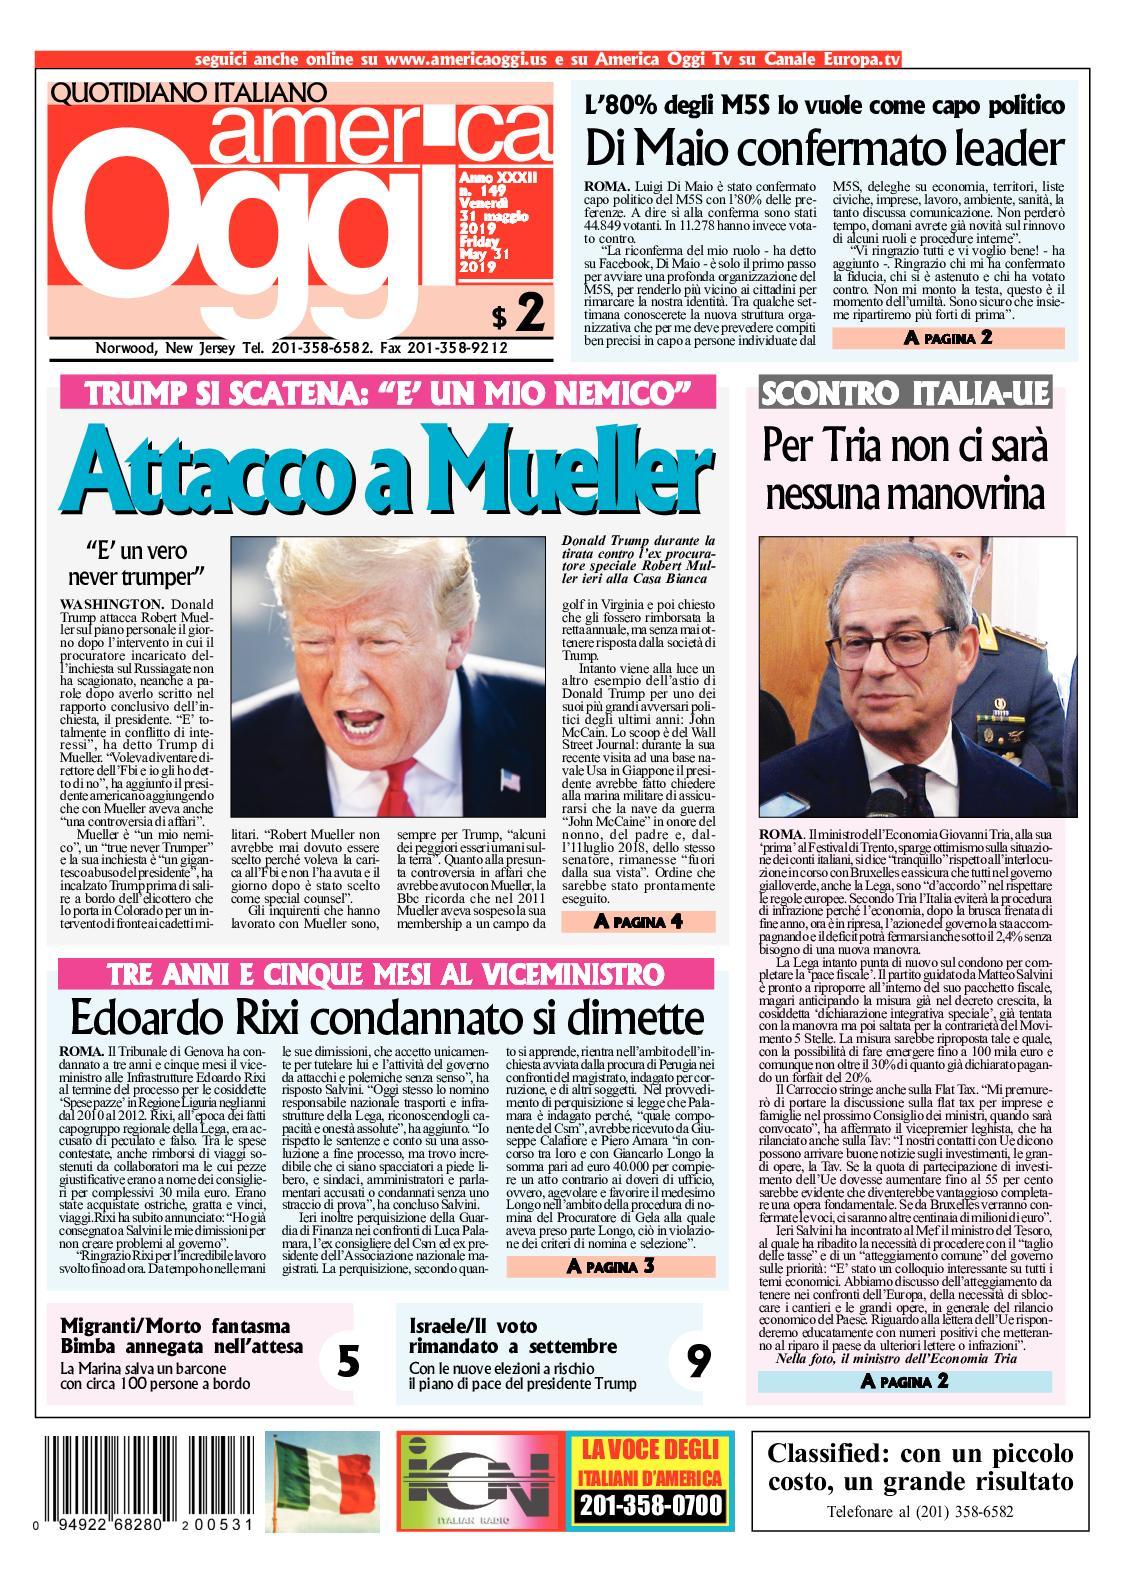 Calameo America Oggi 31 Maggio 2019